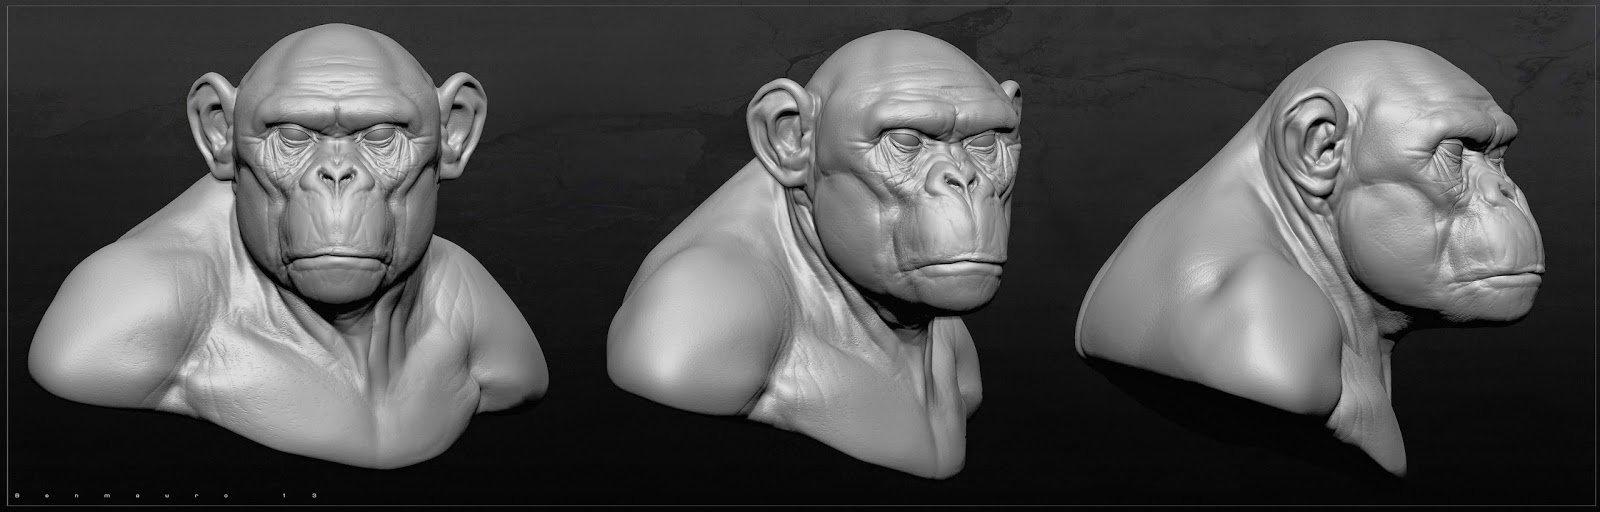 Ben mauro chimp sculpt bm o